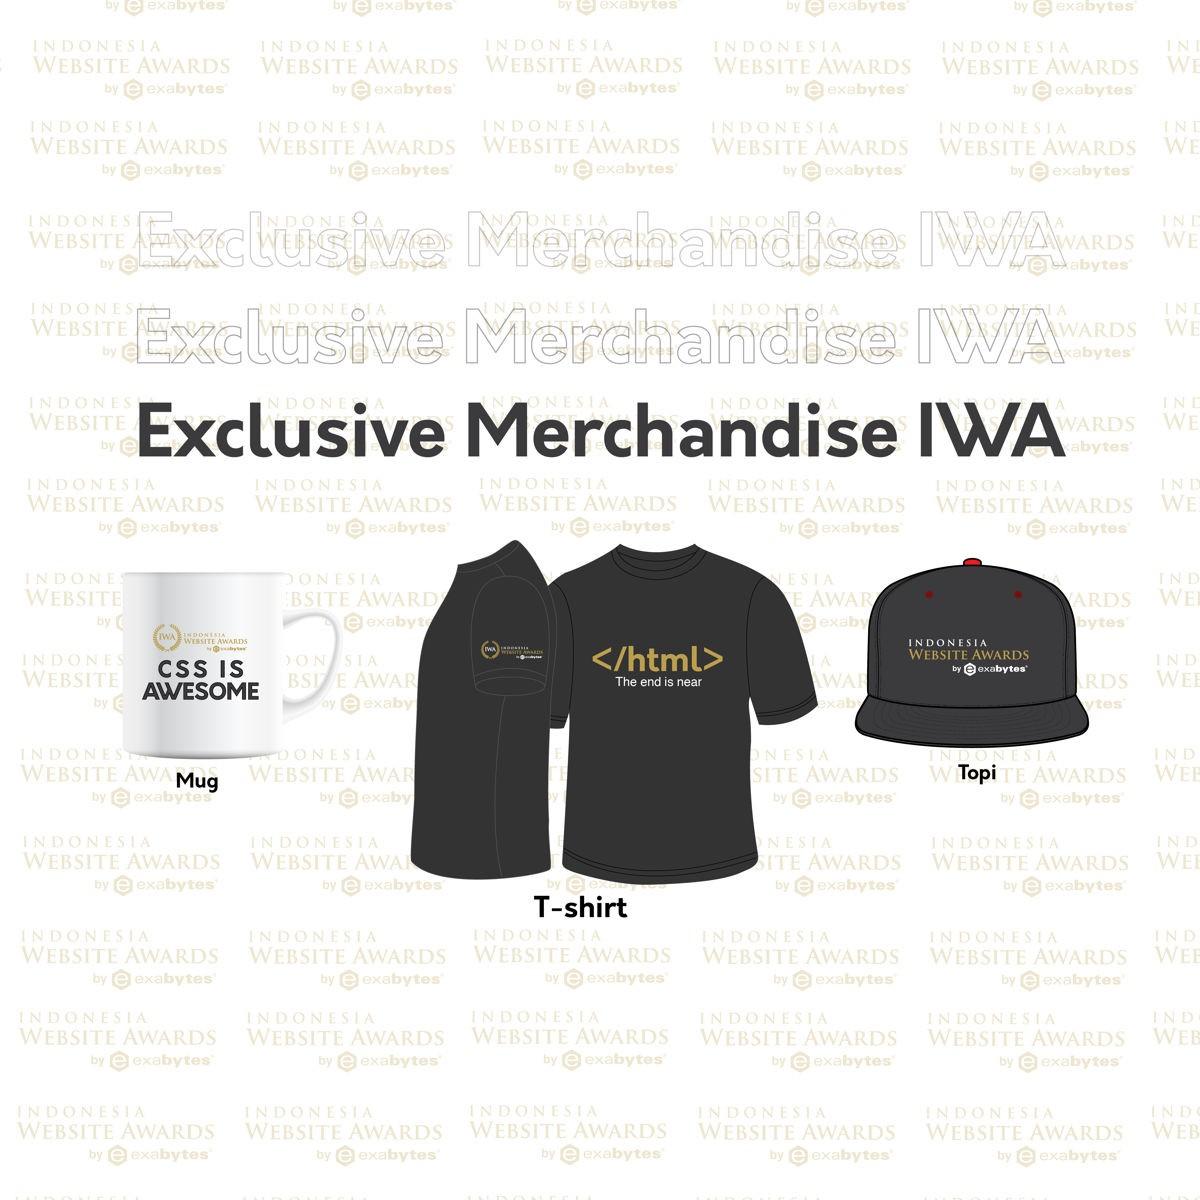 COID Merchandise Exclusive IWA 2019